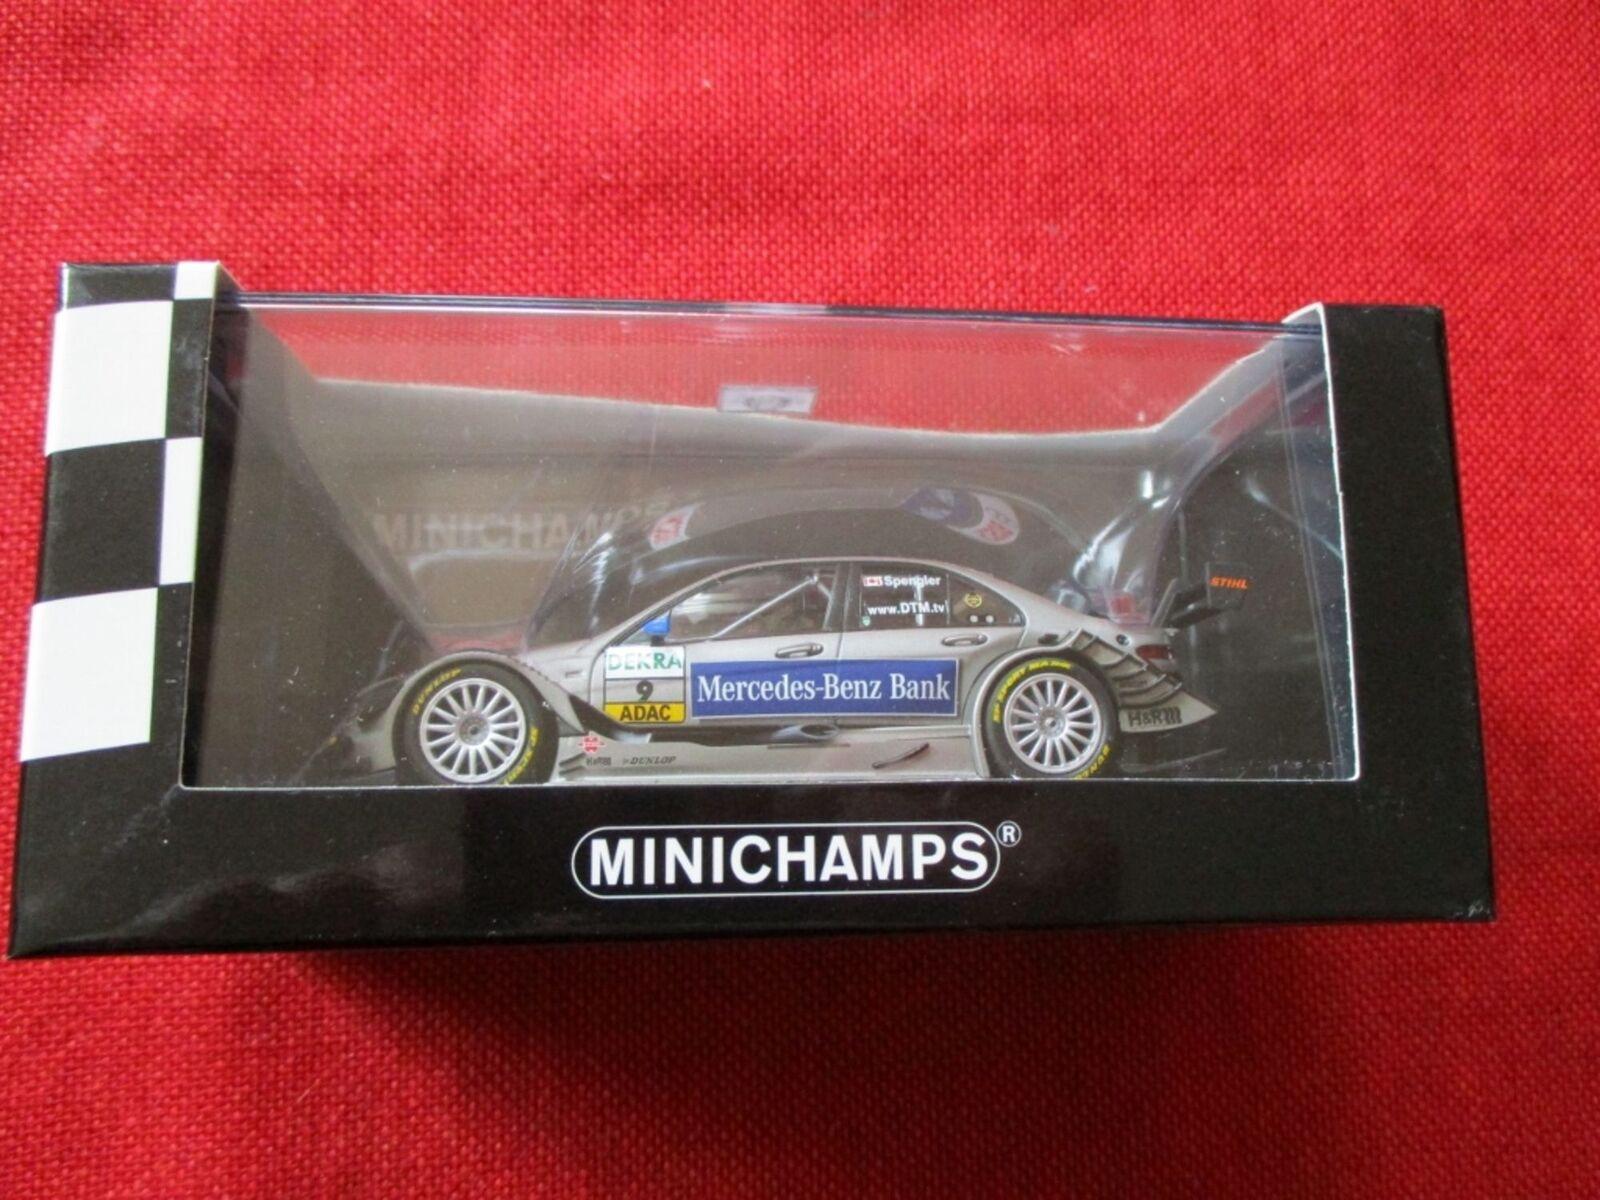 MINICHAMPS® 400 093909 1 43 Mercedes C-Class DTM 2009 Team AMG-Mercedes Spengler